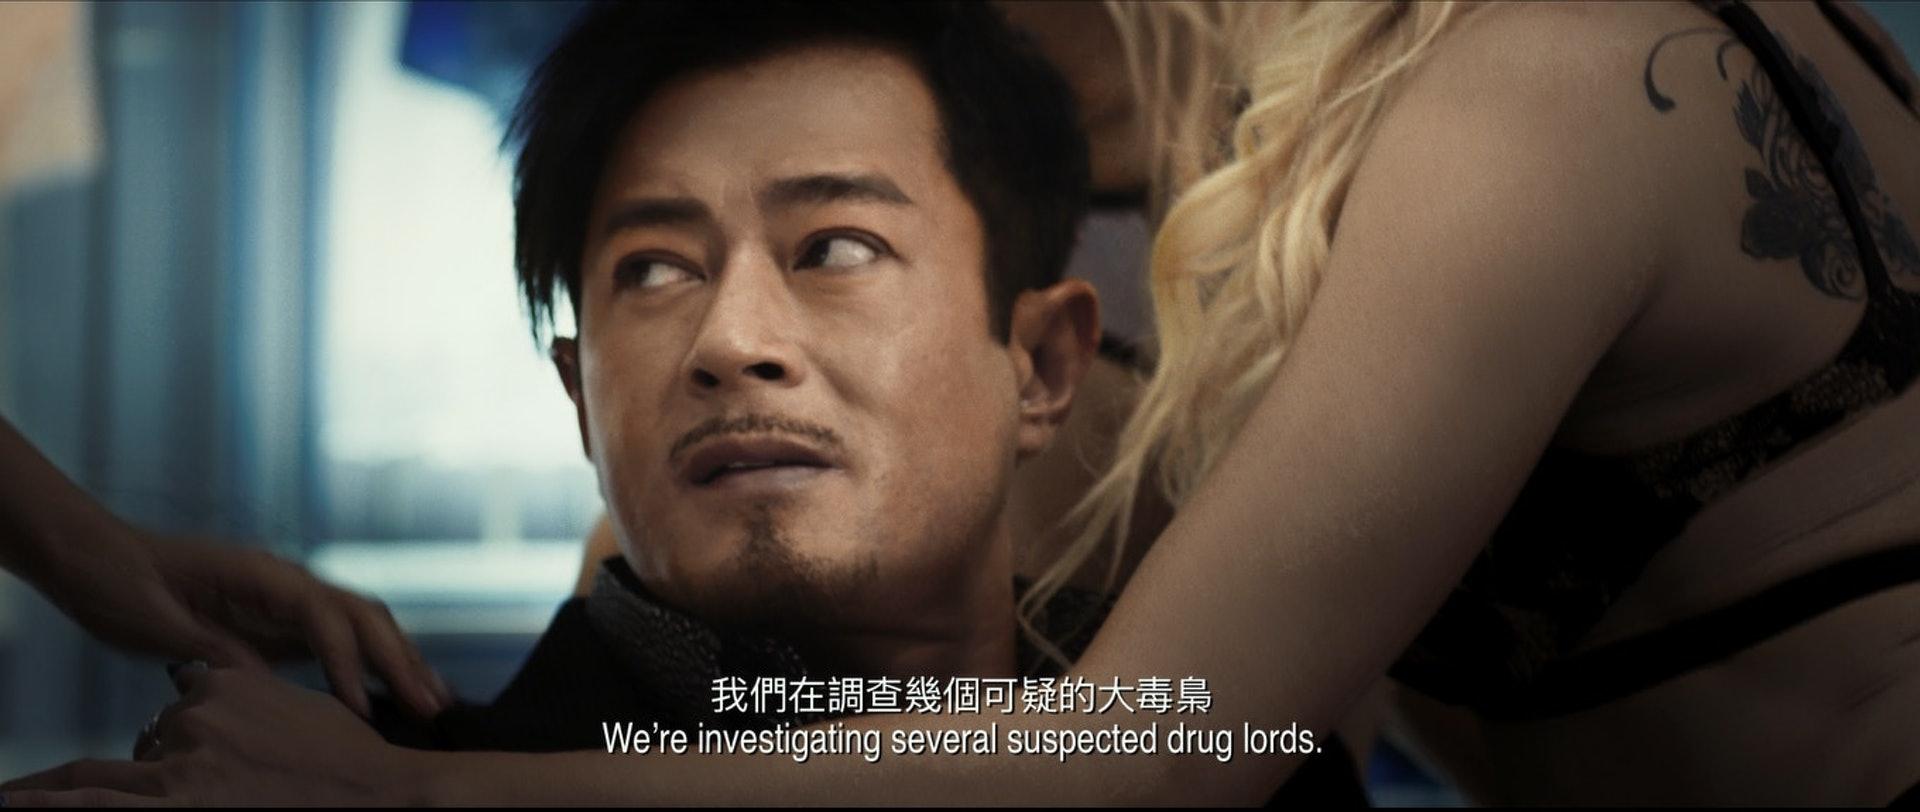 古天樂在戲中飾演地藏,是一個頭號大毒販。(《掃毒2天地對決》預告截圖)